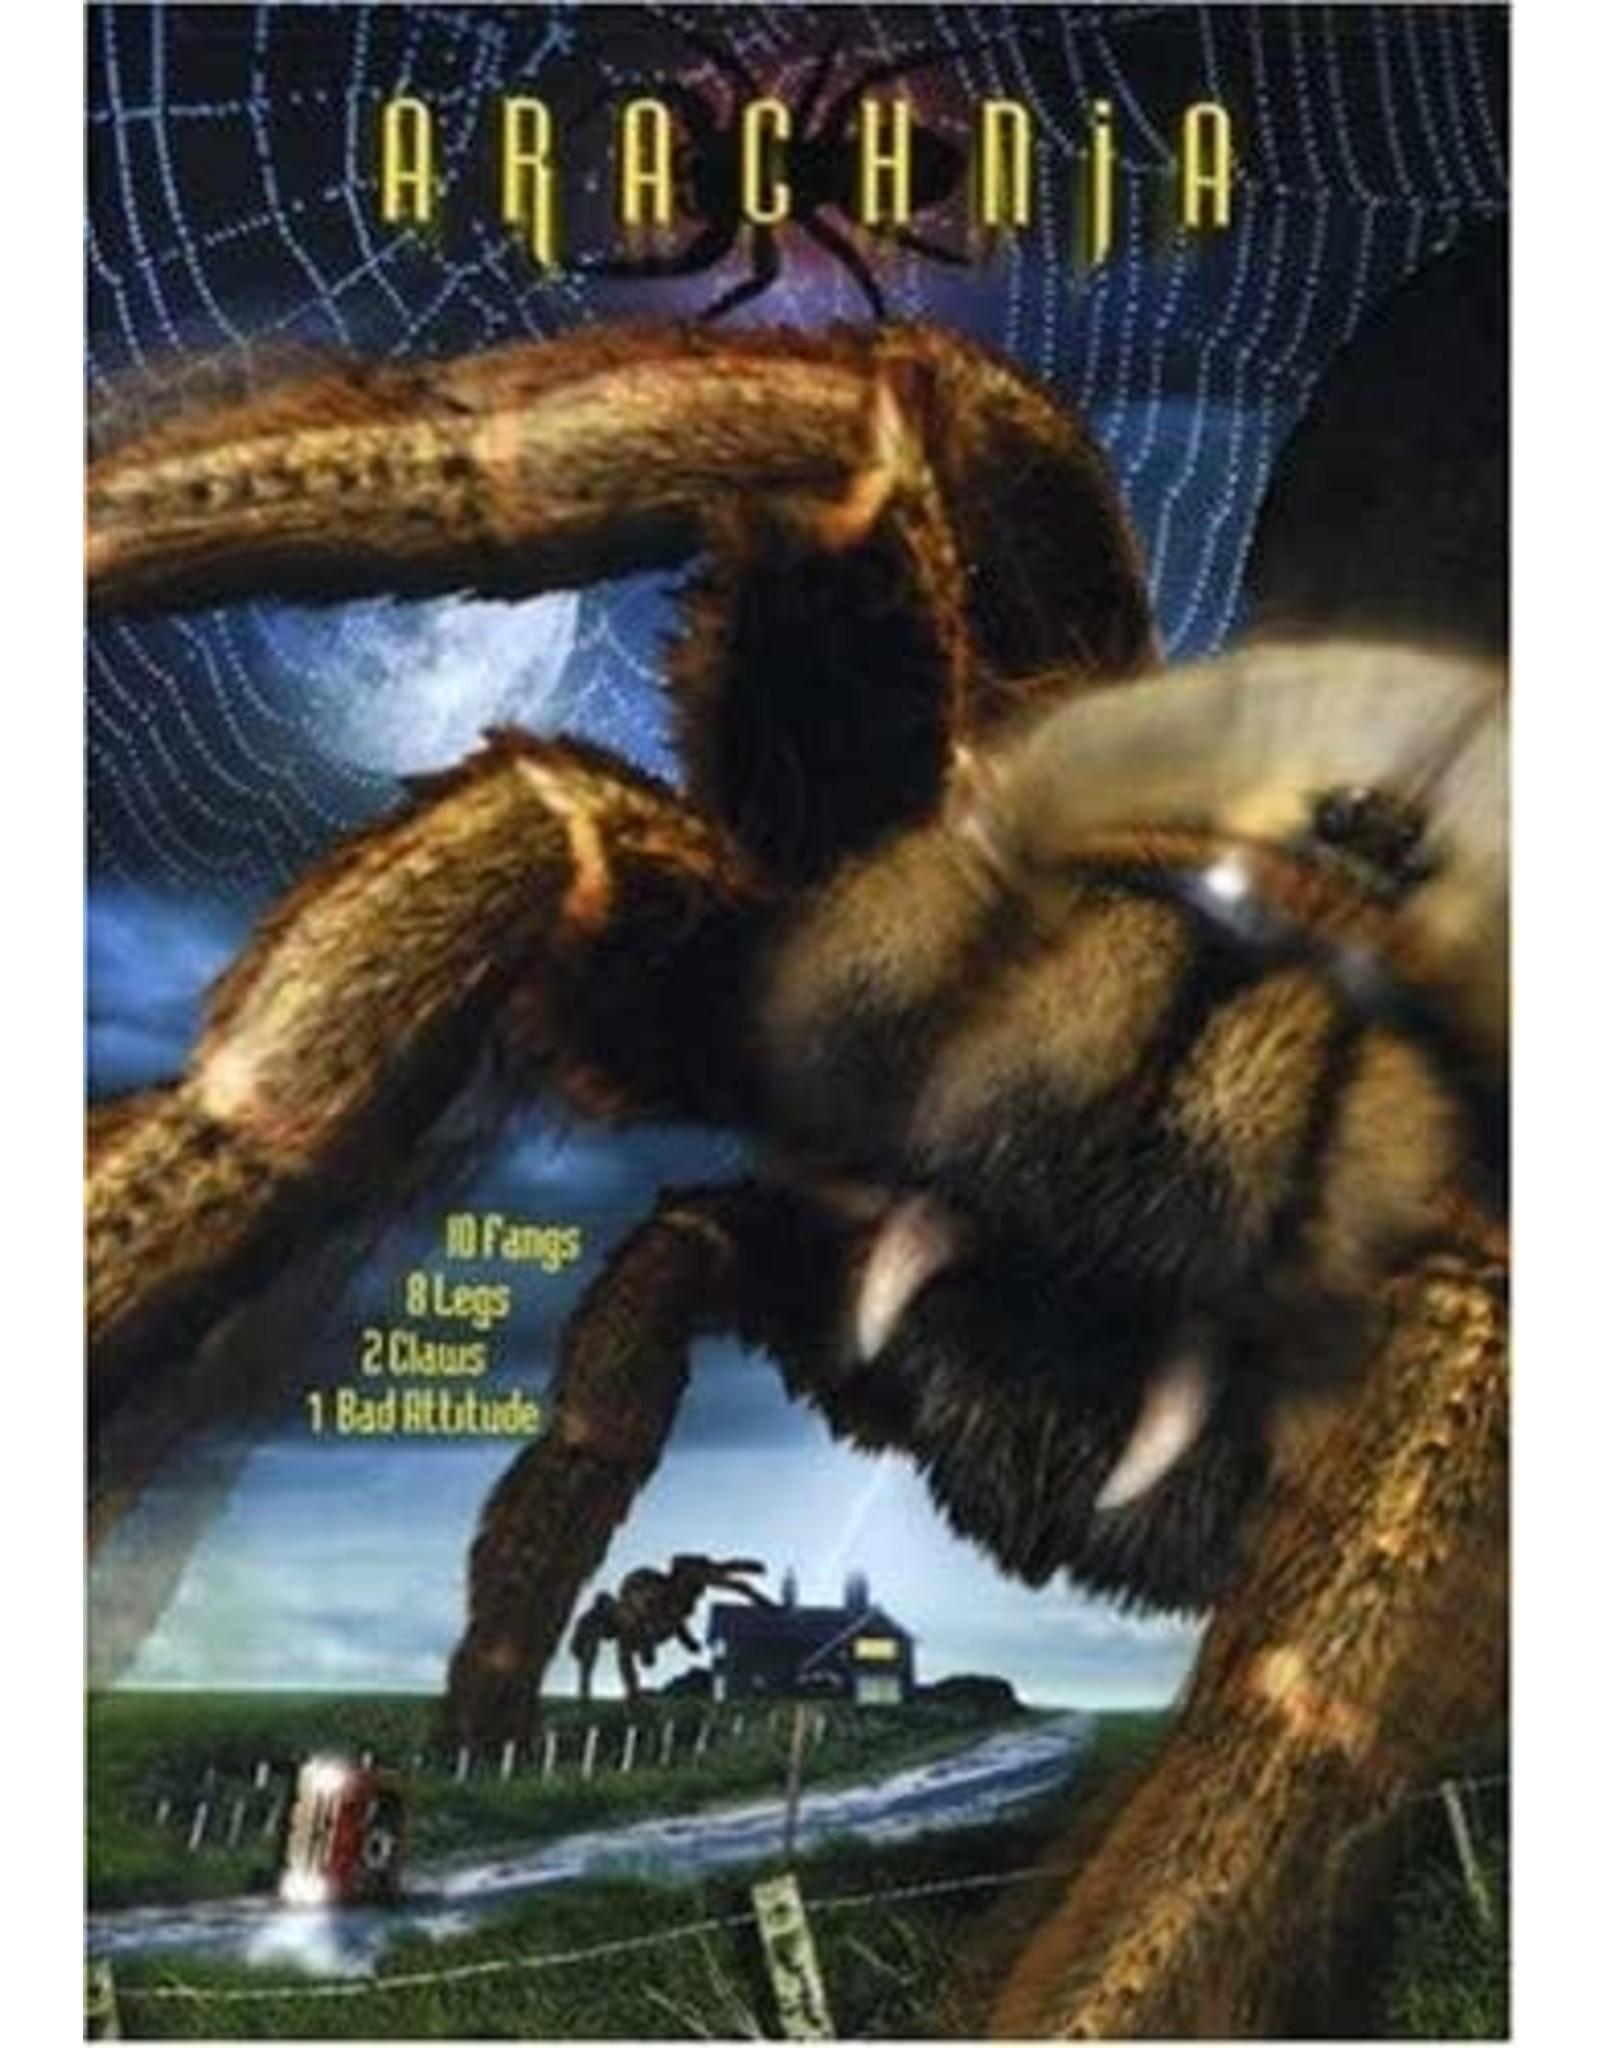 Horror Cult Arachnia